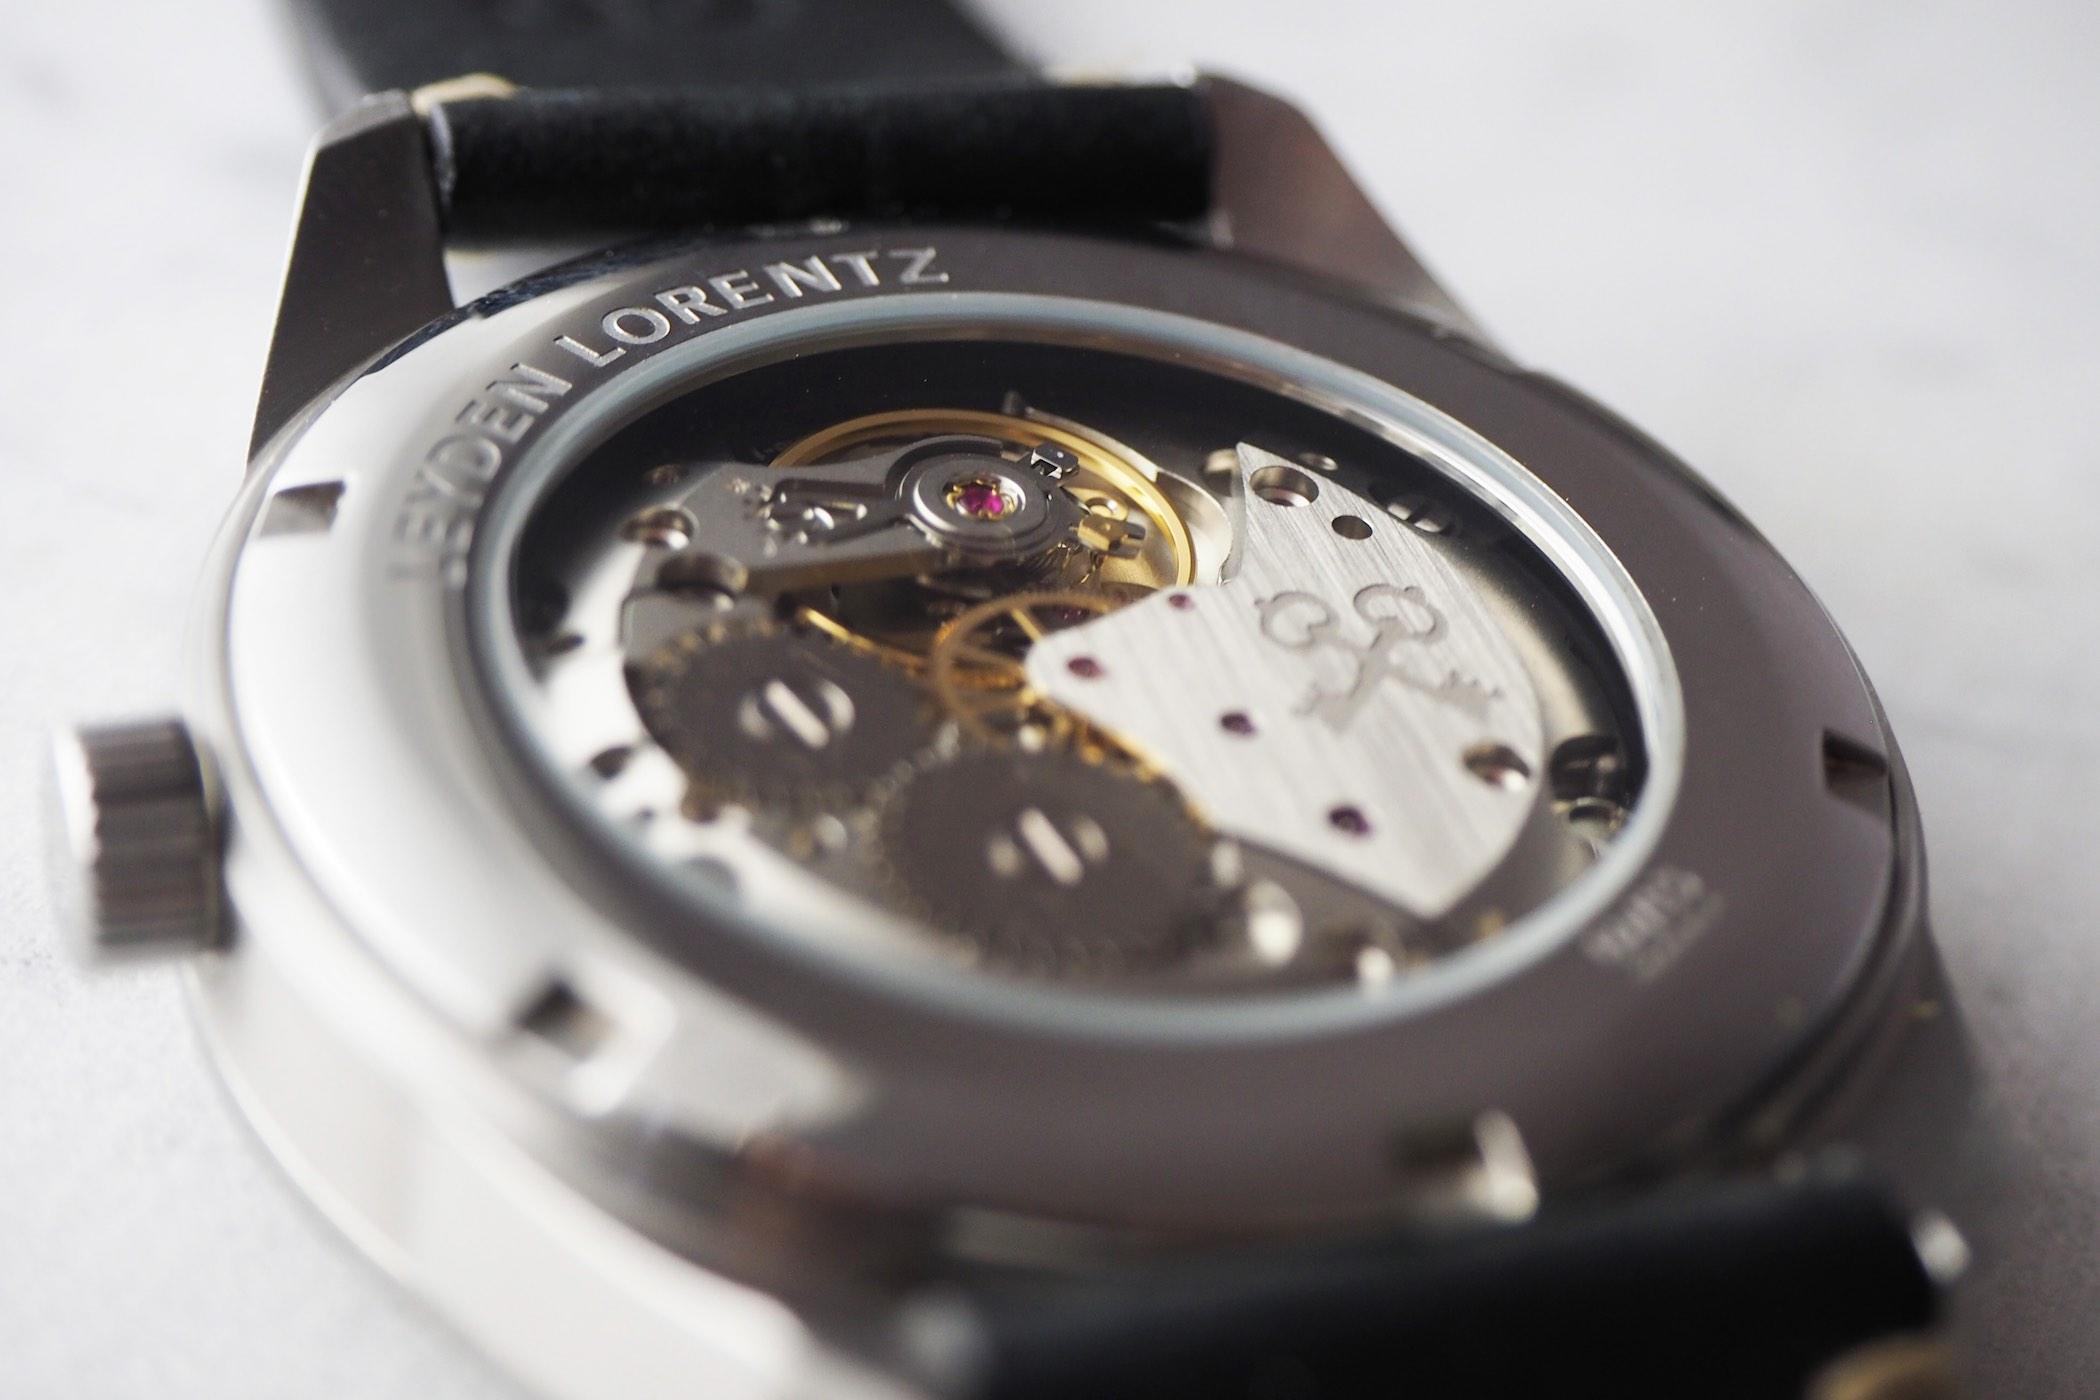 Leyden Watches Lorentz Kickstarter Value Proposition